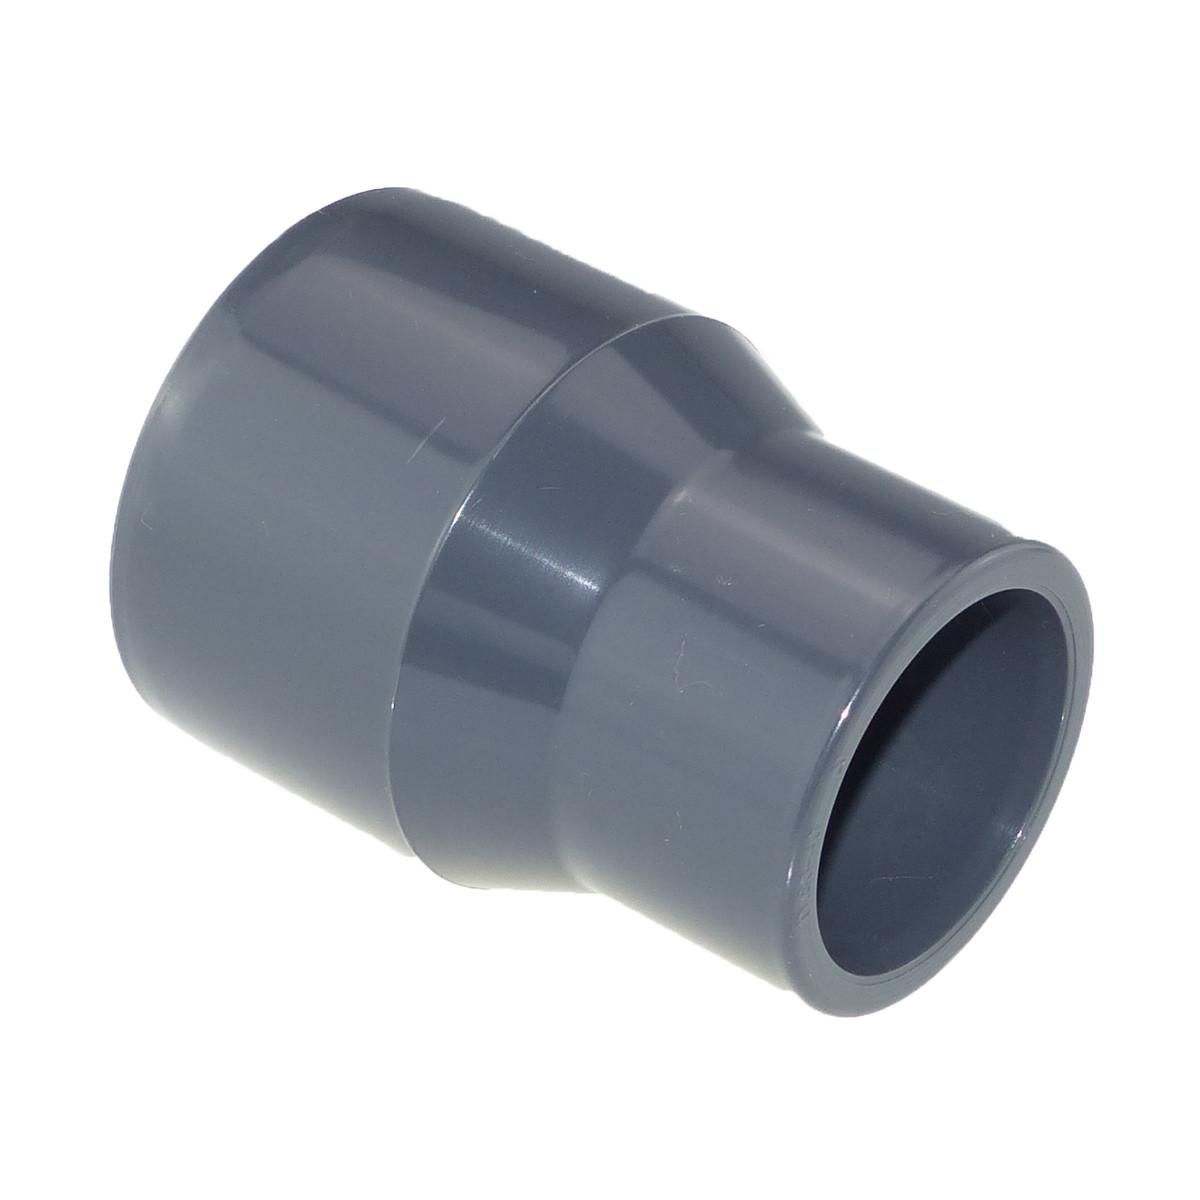 Cepex/Plimat/CH PVC Muffe reduziert 63 / 50 x 25 mm